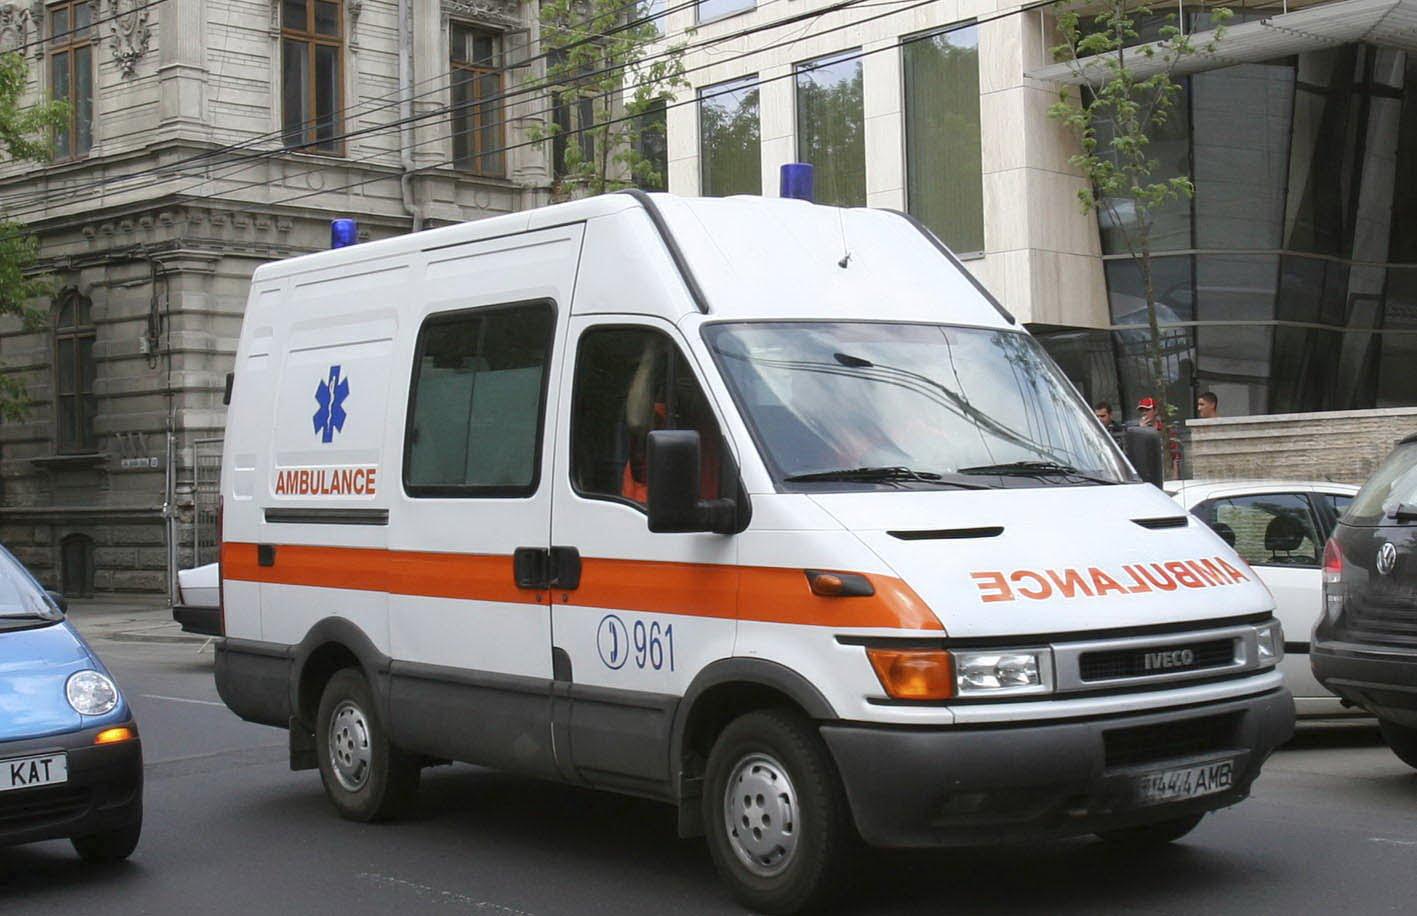 Ambulanța din Vaslui are conturile blocate din cauza rovinietei, deși legea scutește salvările de la plata taxei